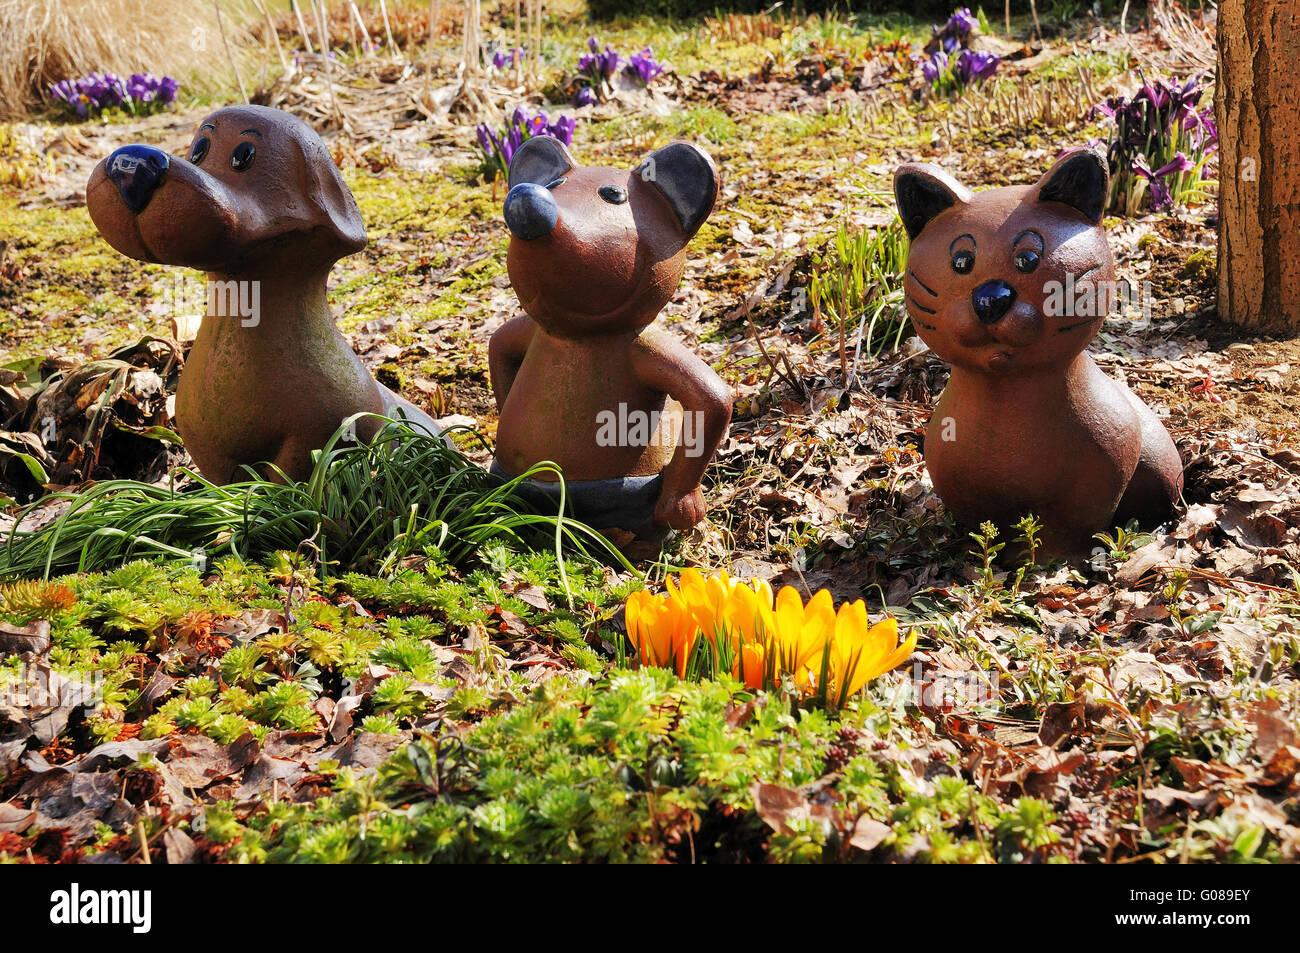 Figuren aus Ton in einem Garten im Frühling Stockfoto, Bild ...